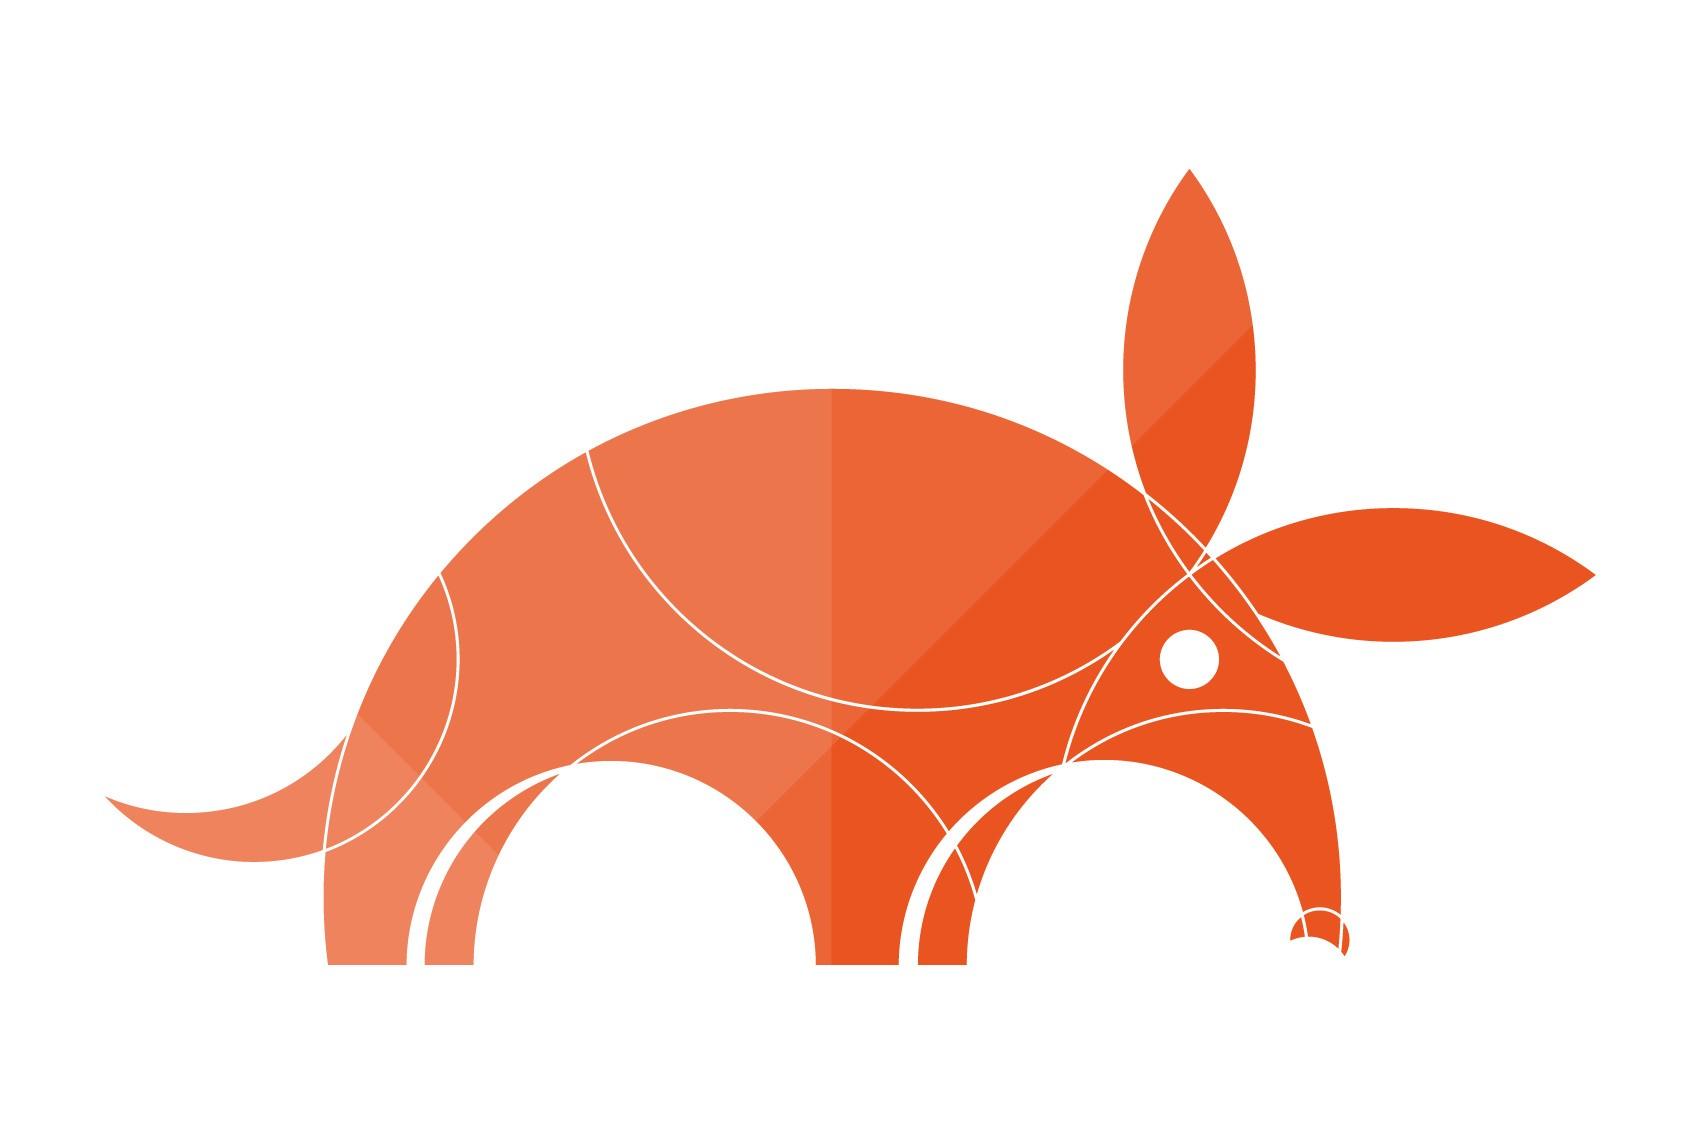 Artful Aardvark (巧豚)